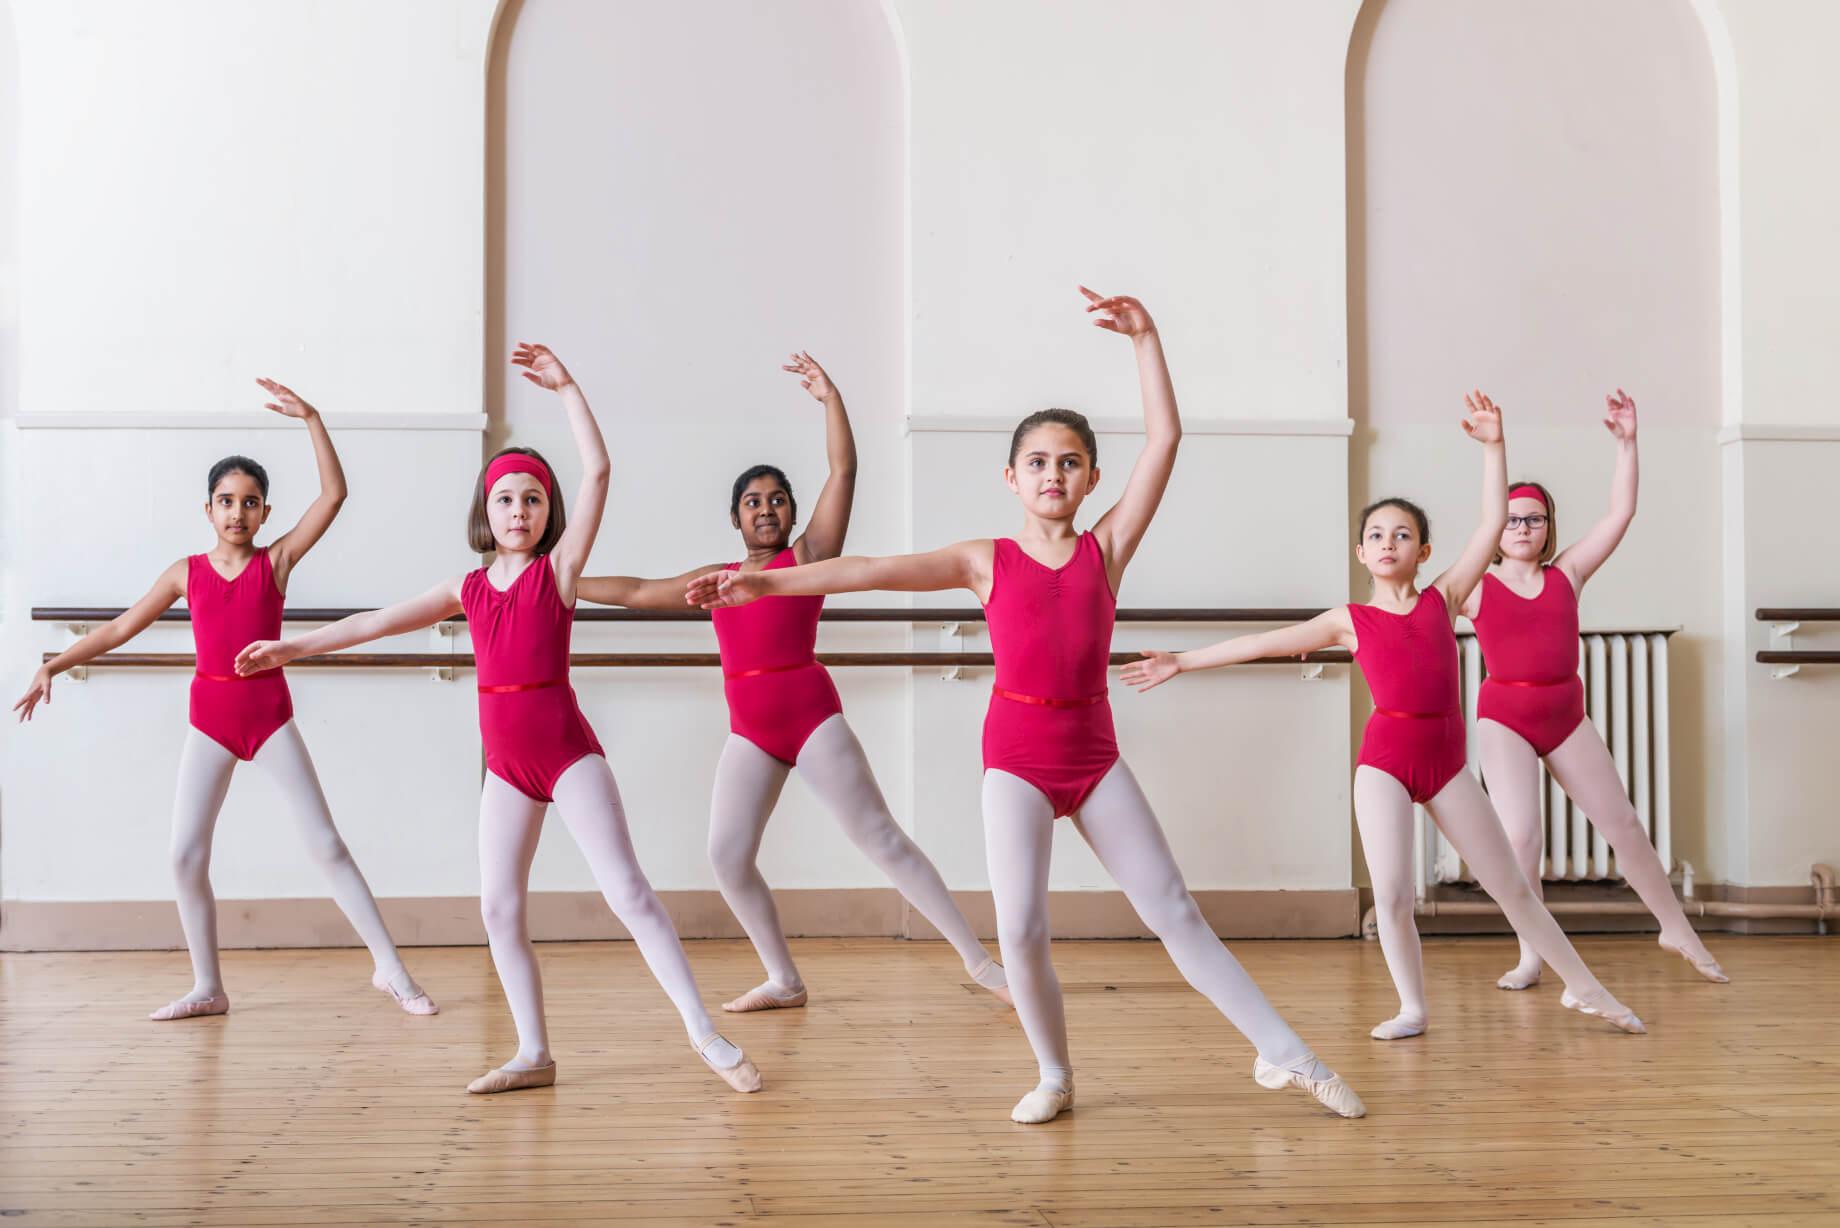 ballet-class-rnsd-red-leotards-girls-rutleigh-norris-school-of-dance.jpg